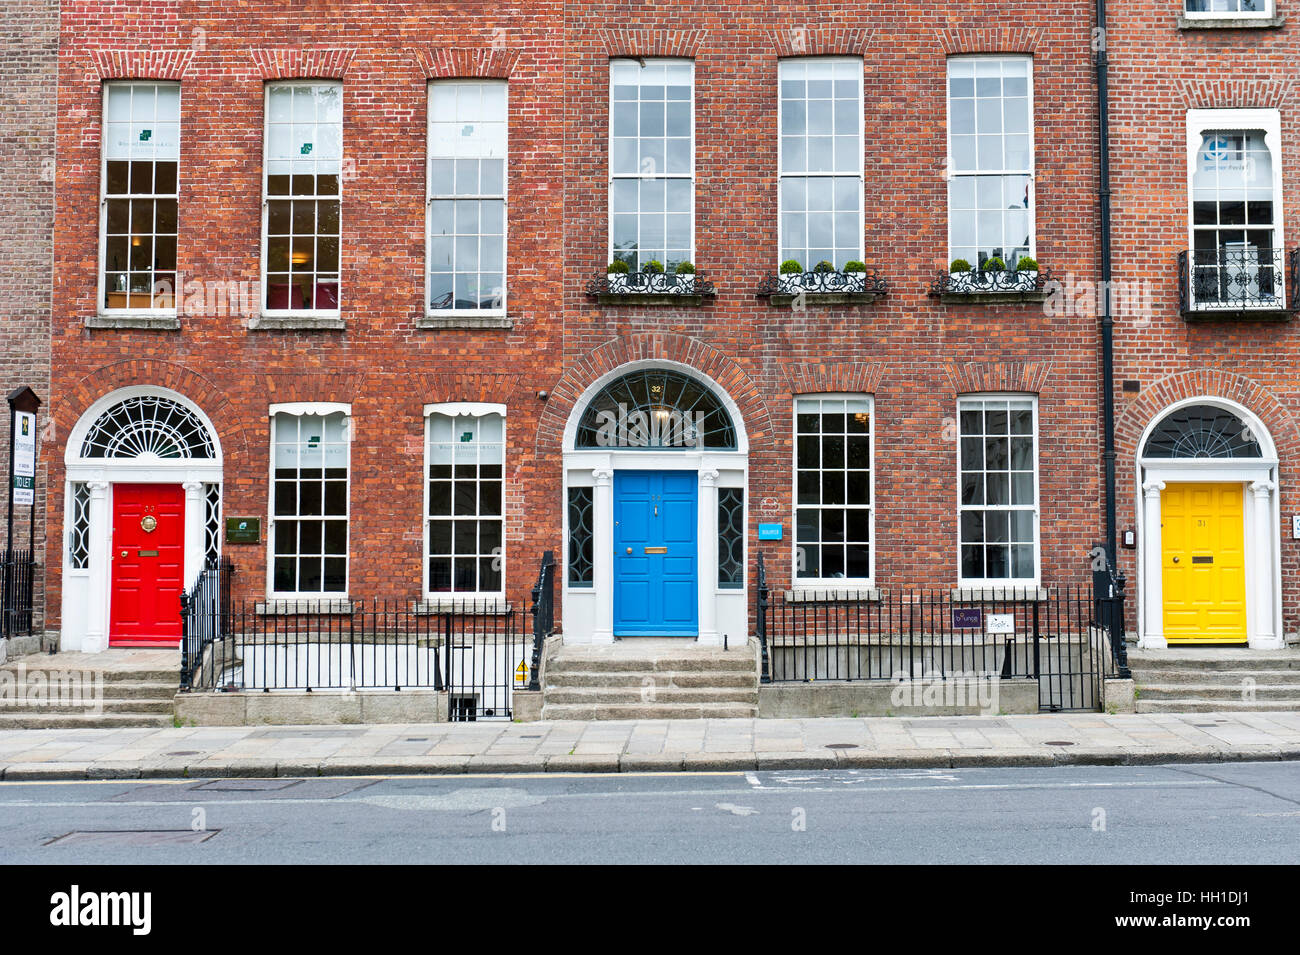 Rosso, blu e giallo di porte, architettura georgiana, Merrion Street, Dublin, Irlanda Immagini Stock